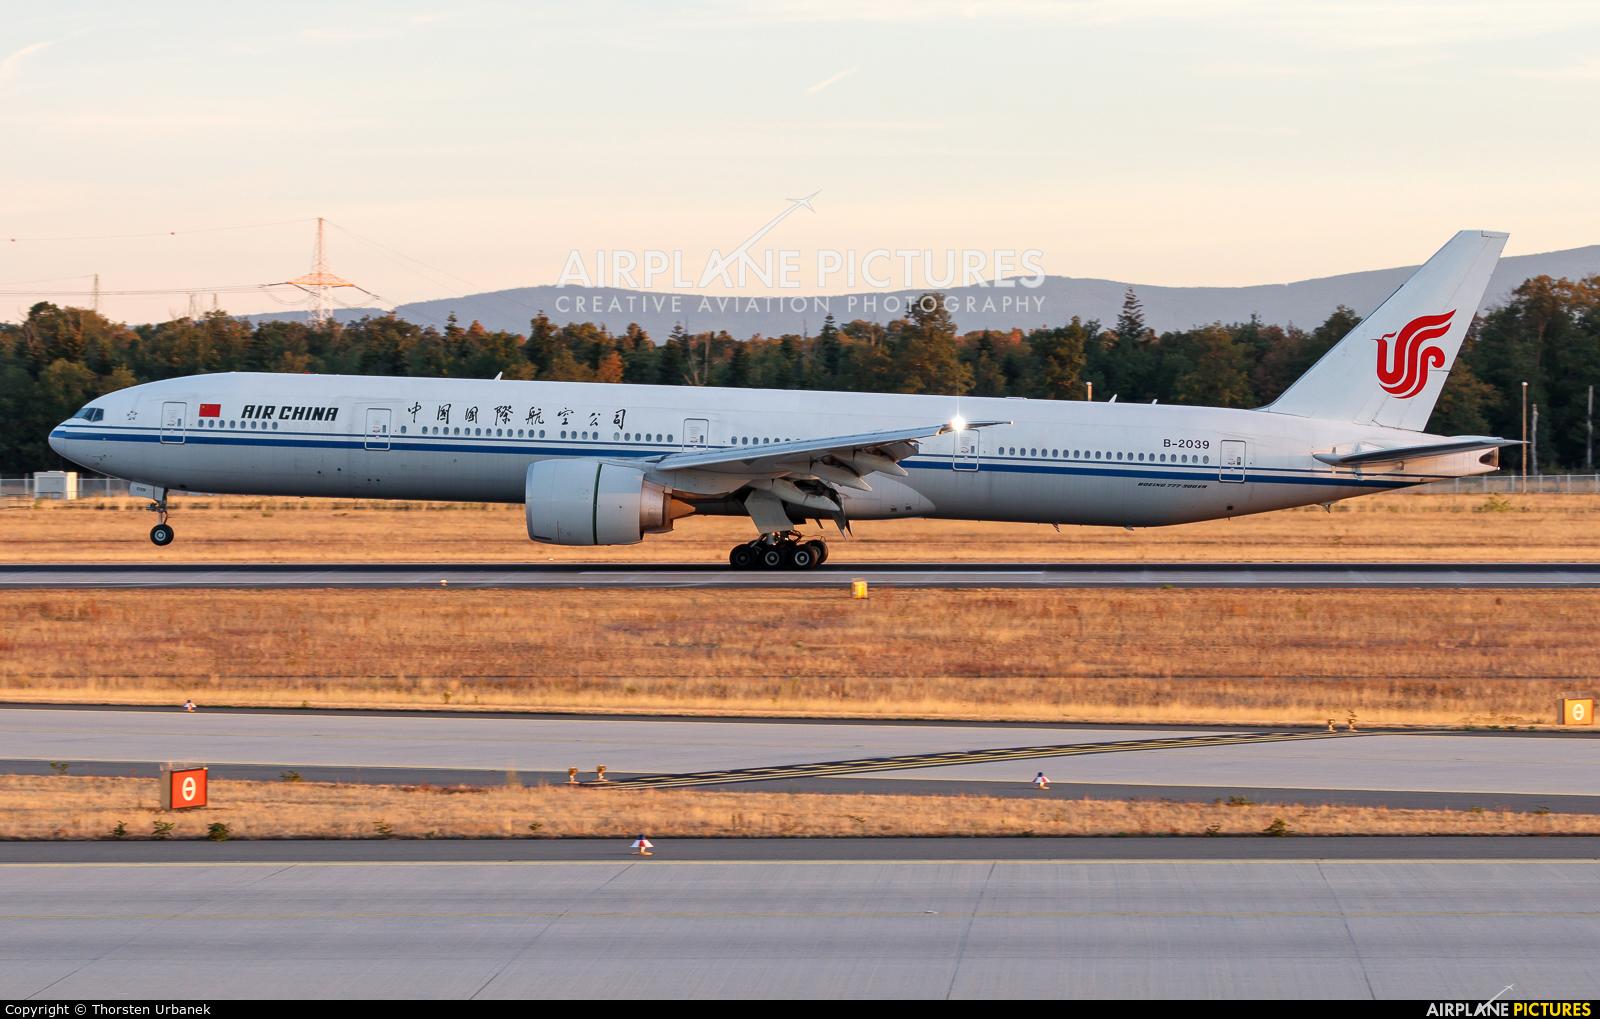 Air China B-2039 aircraft at Frankfurt